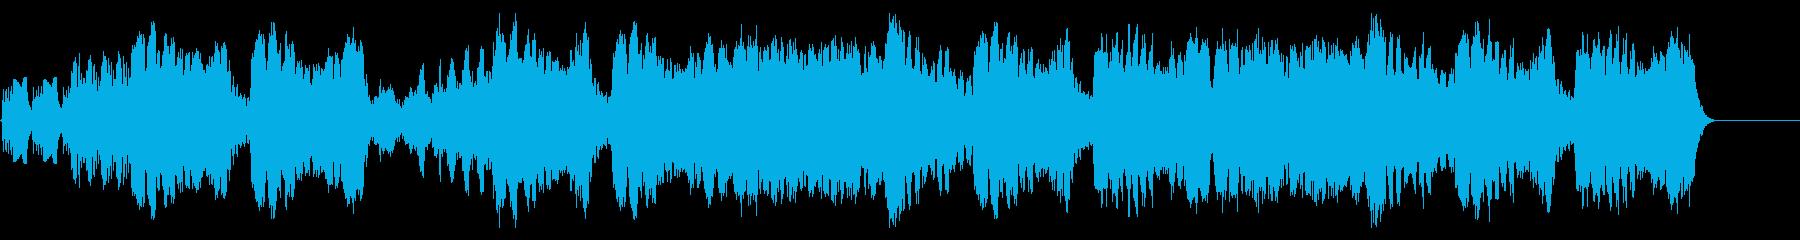 結婚行進曲/メンデルスゾーン パイプ の再生済みの波形